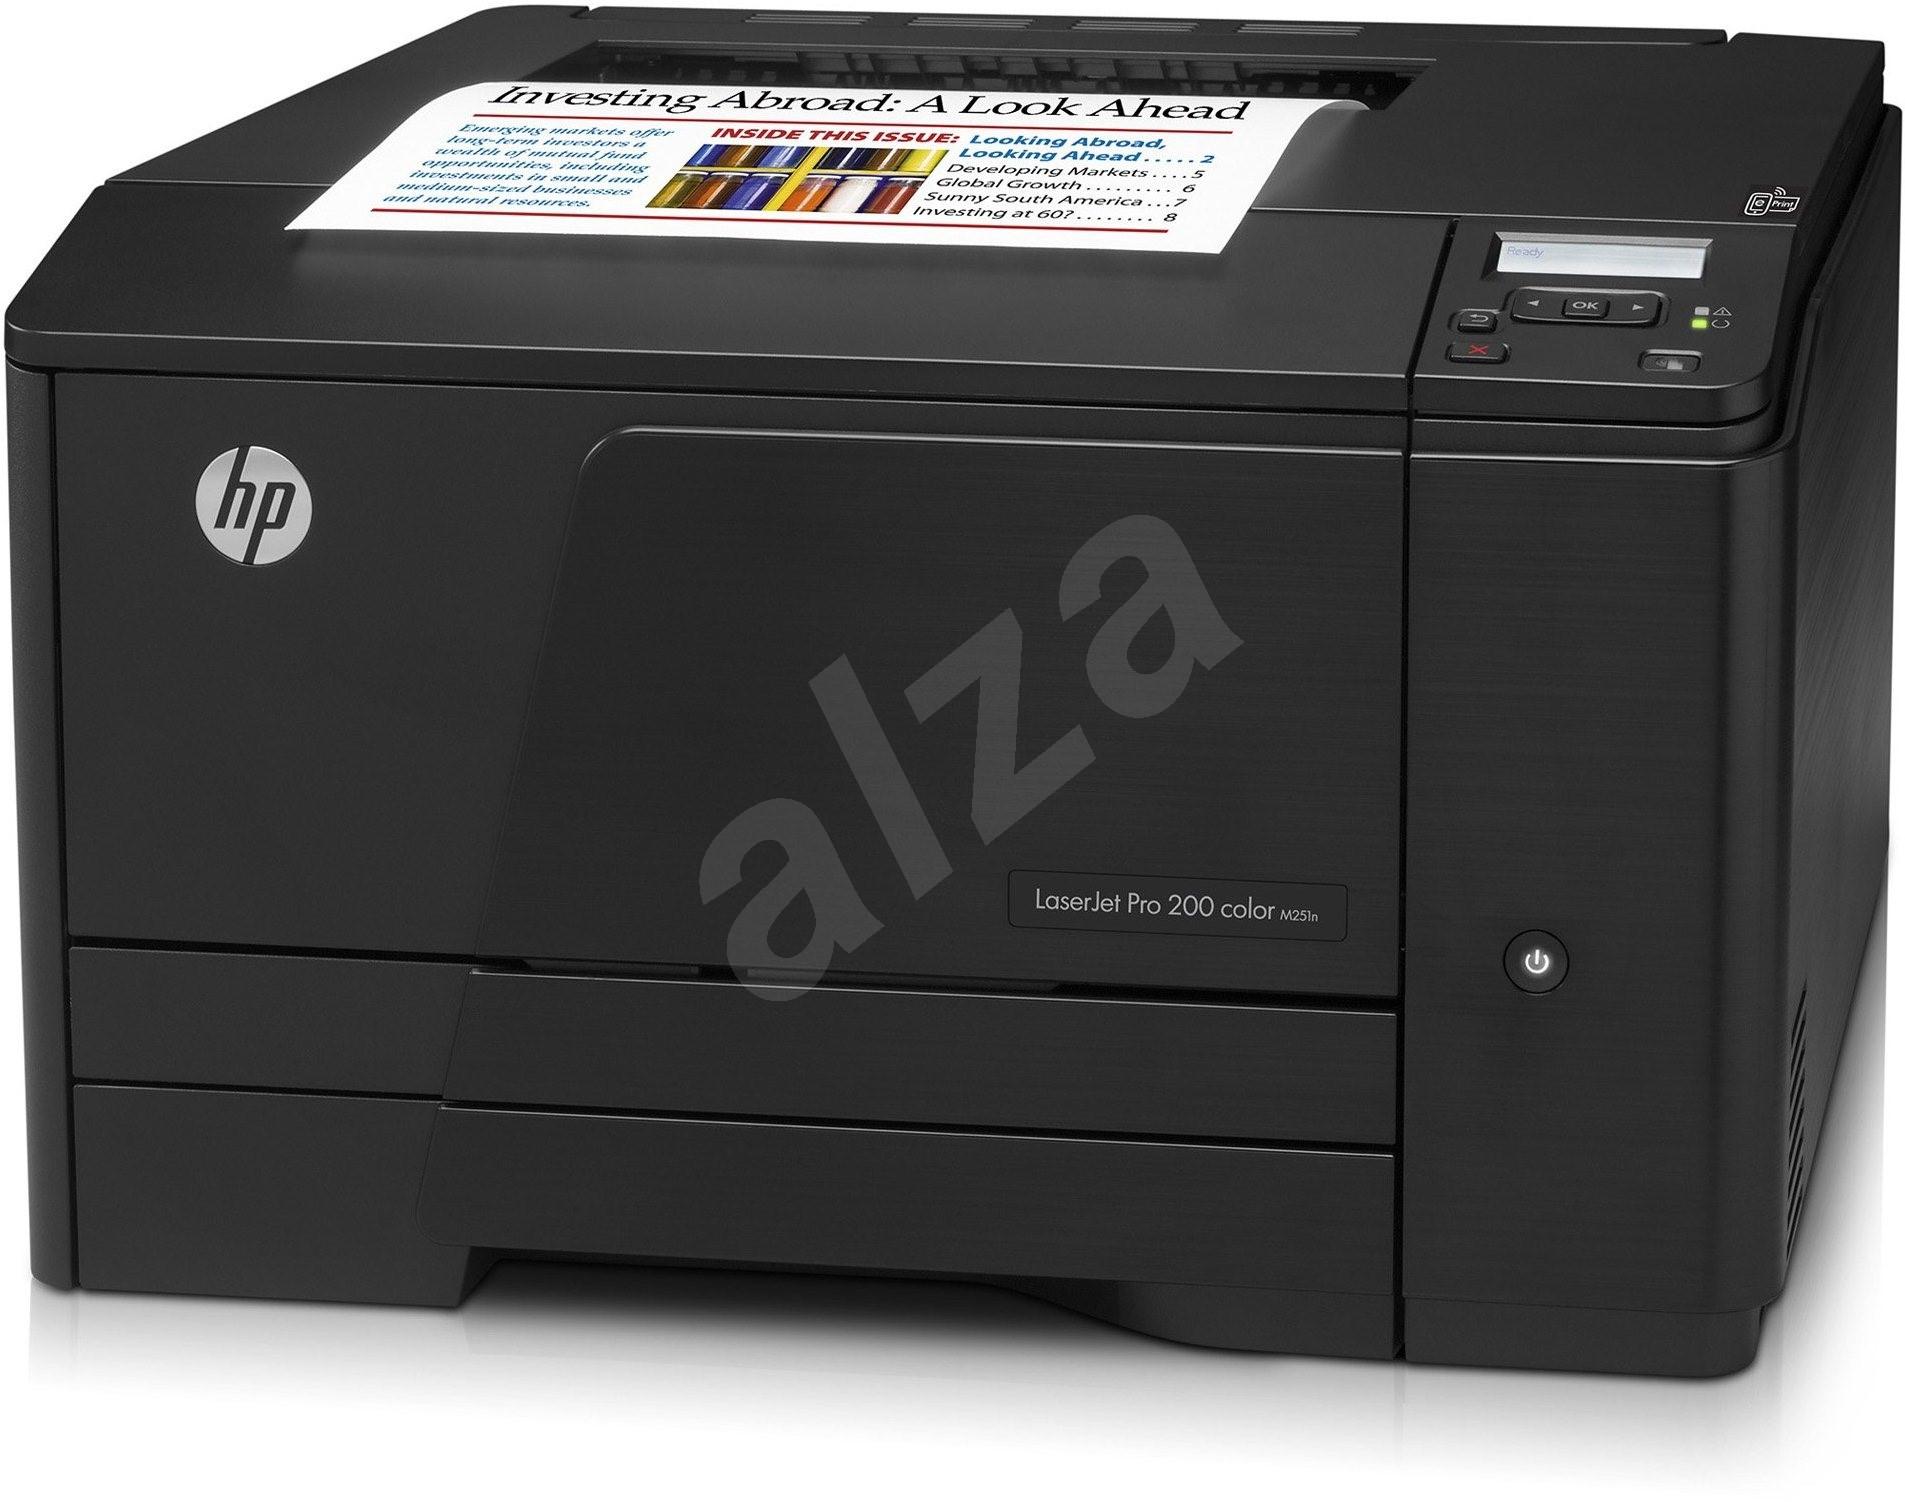 HP LaserJet Pro 200 color M251n - Laser Printers | Alzashop.com